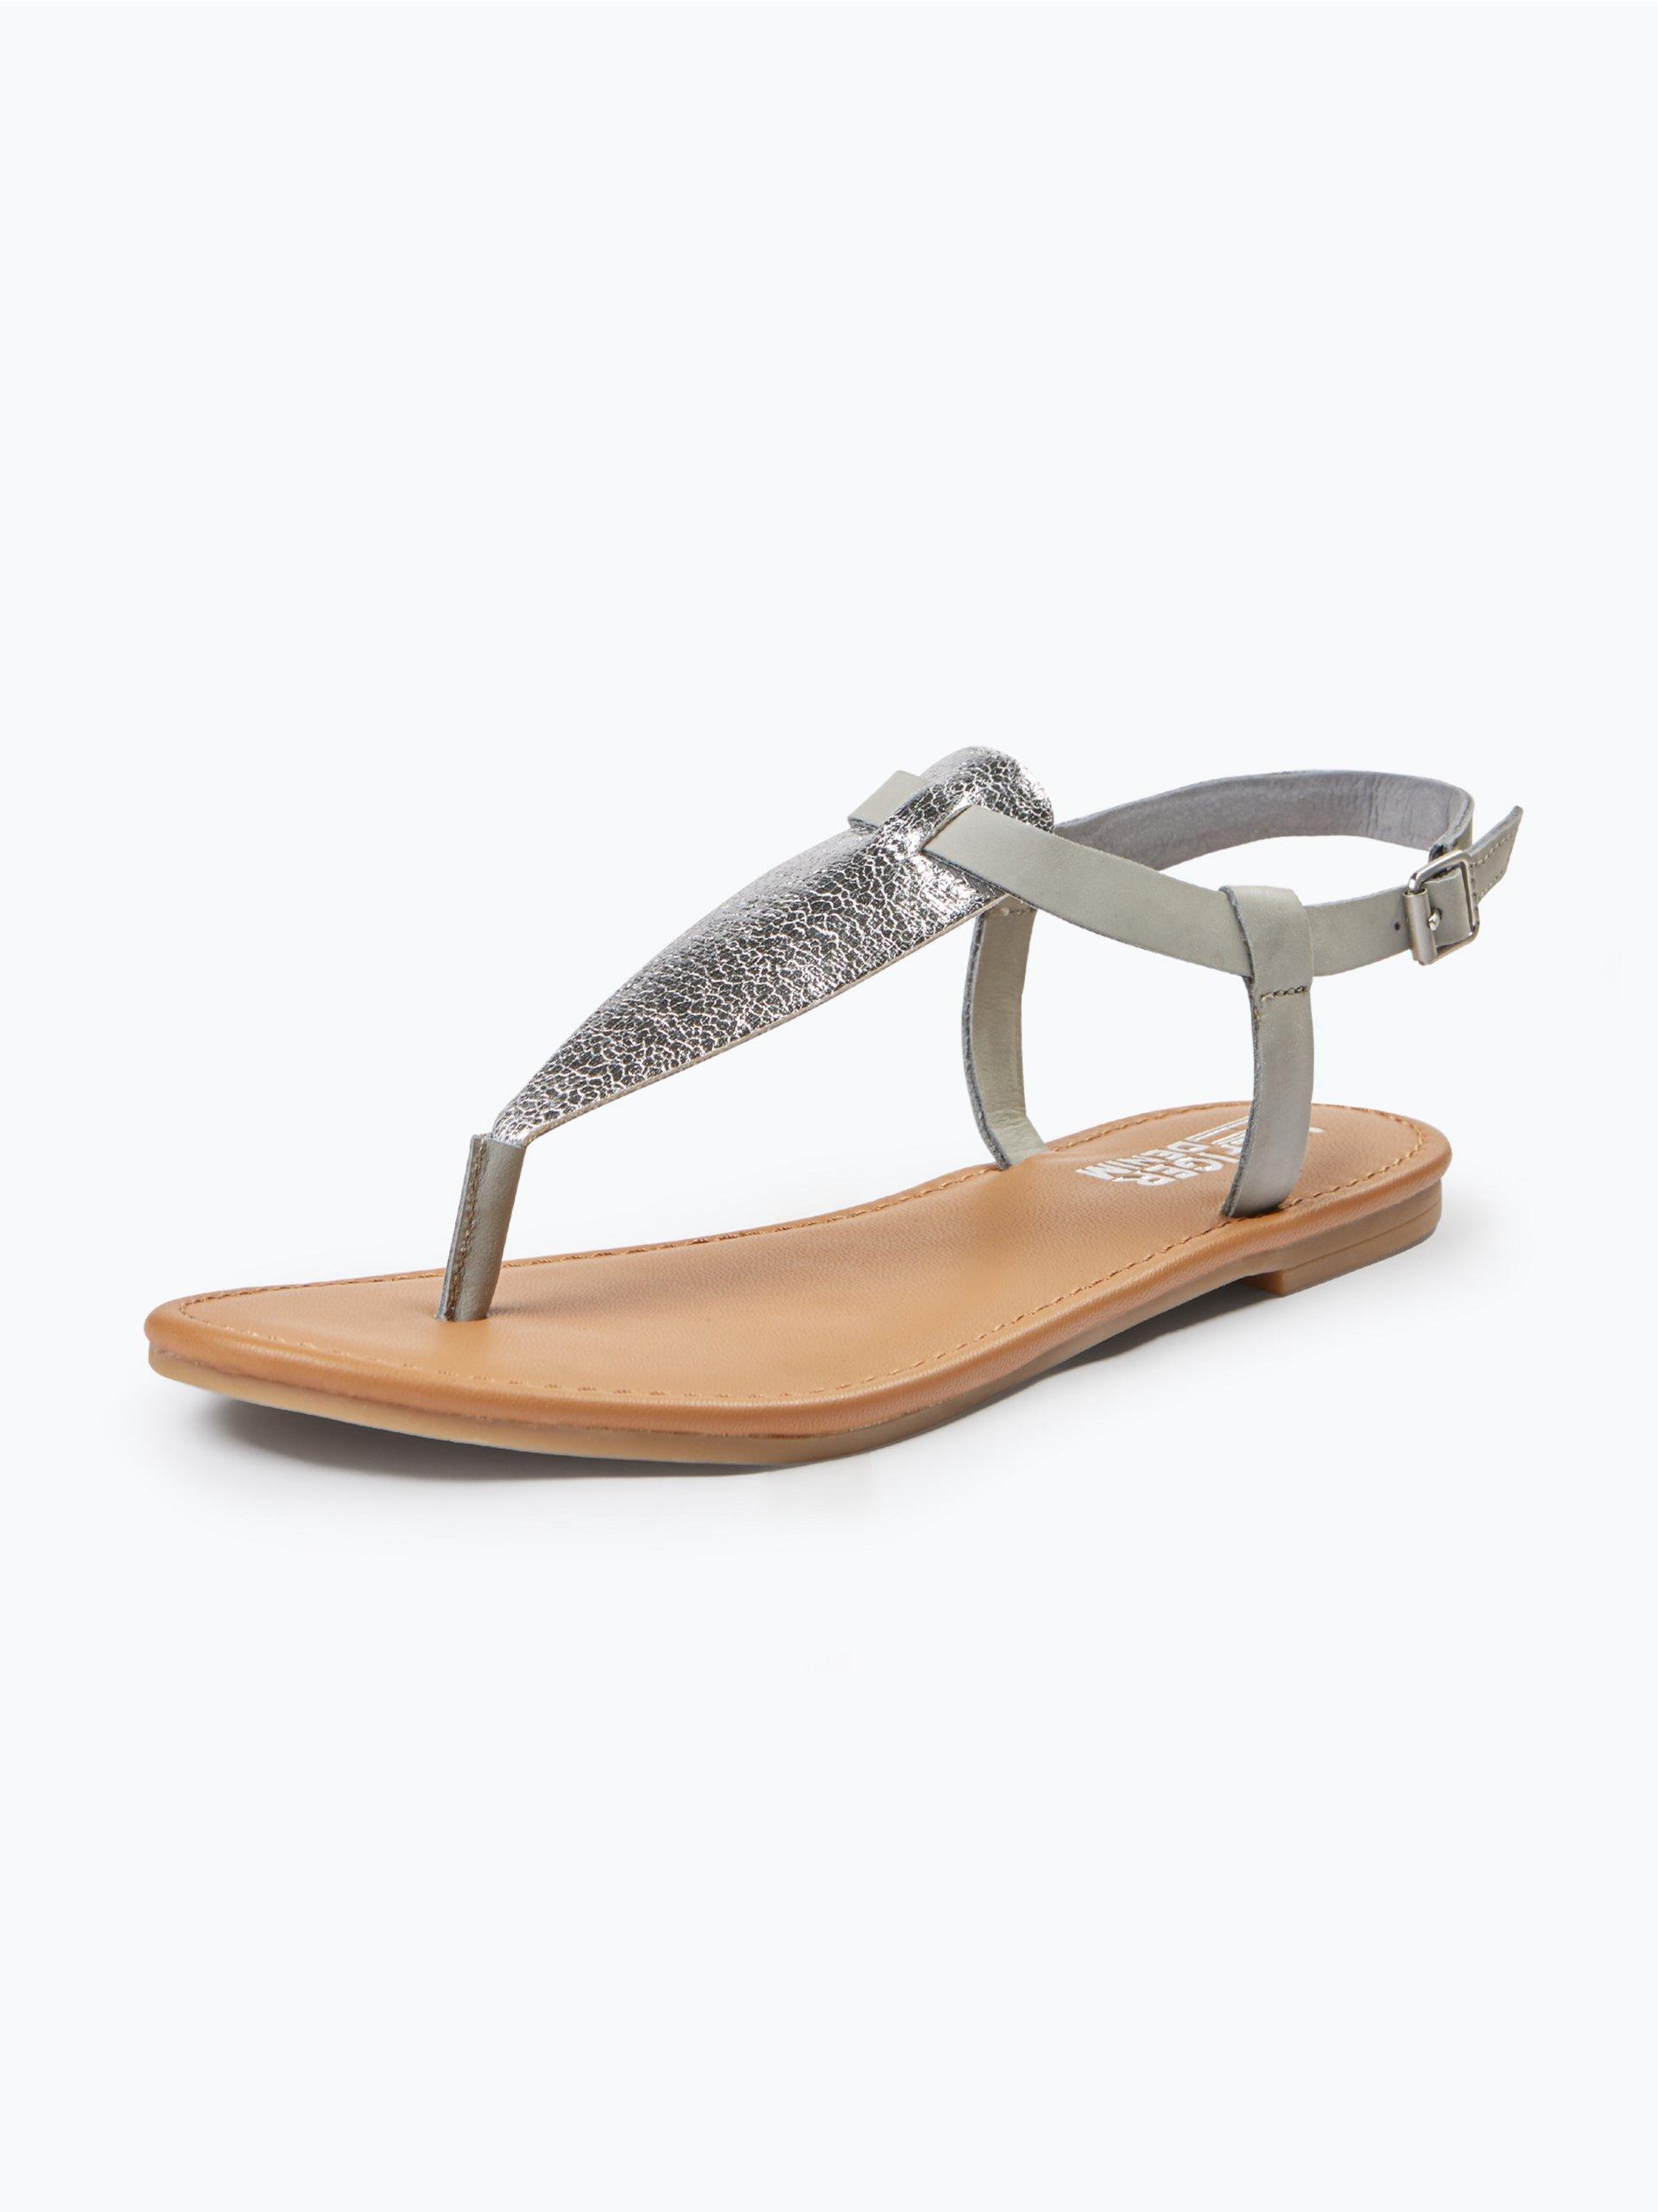 tommy jeans damen sandalen mit leder anteil silber uni. Black Bedroom Furniture Sets. Home Design Ideas